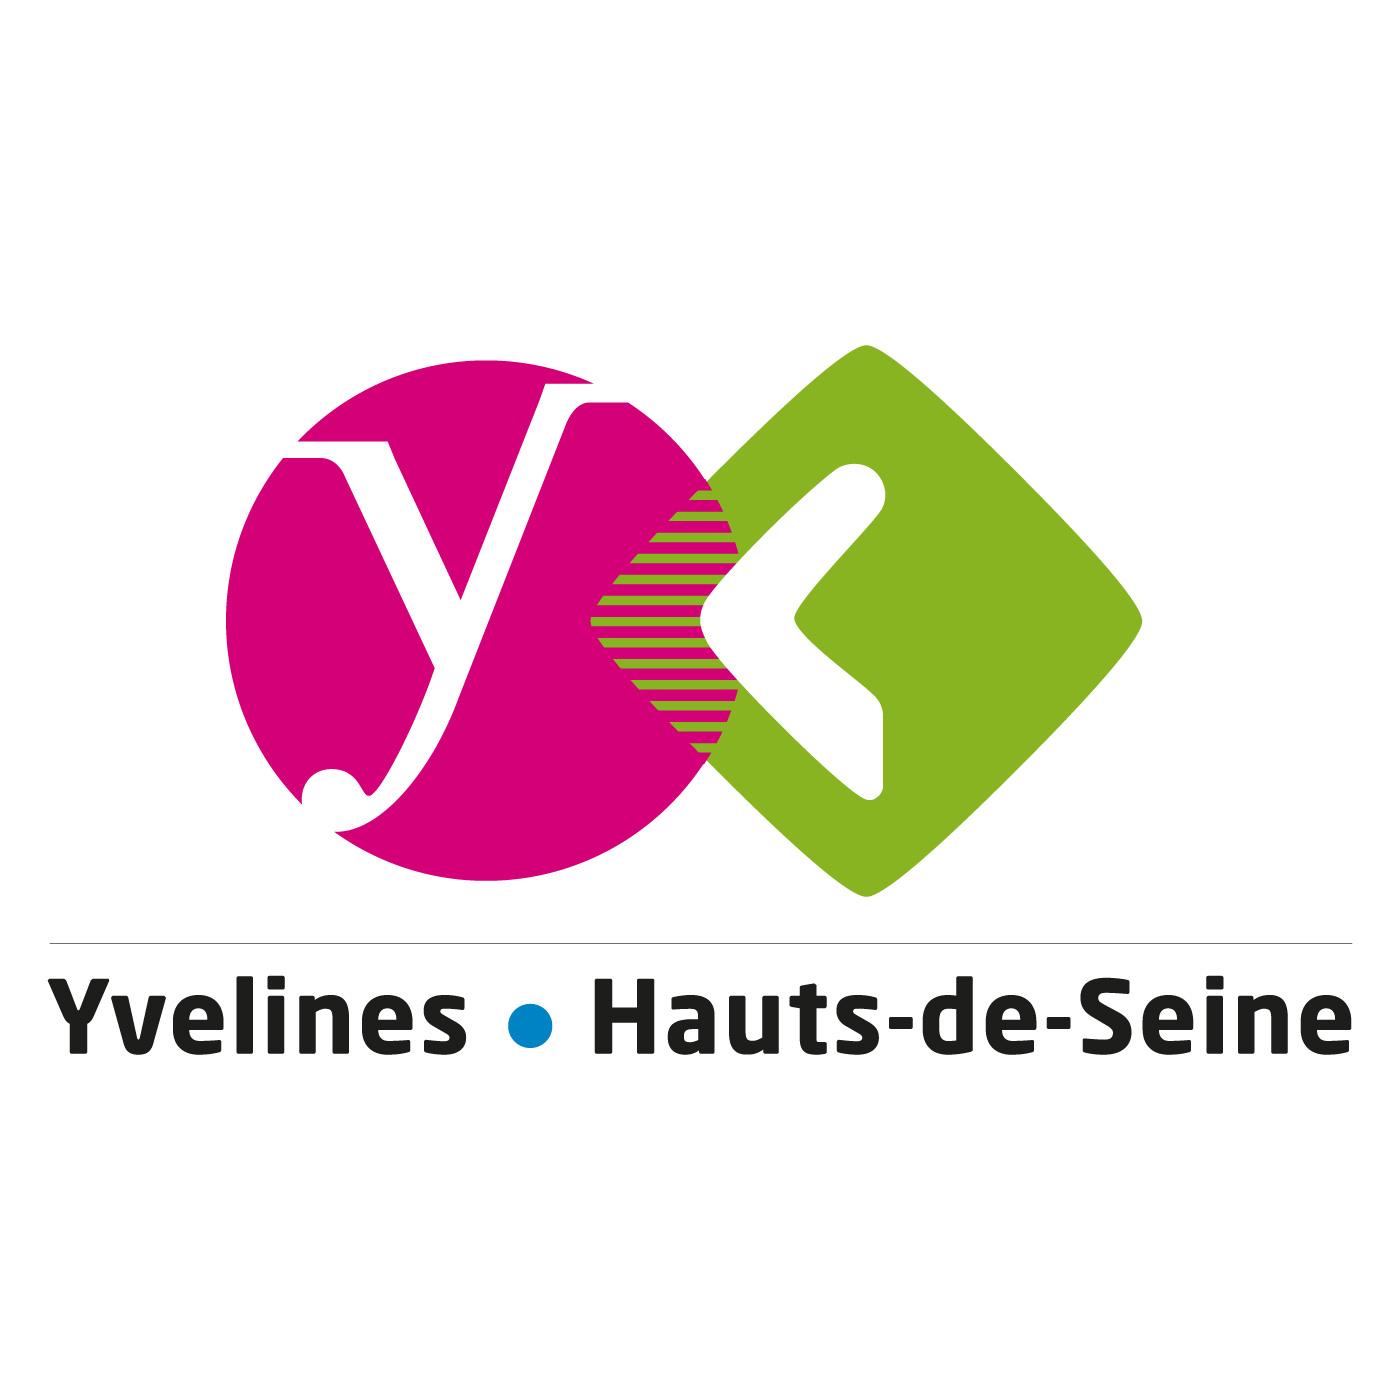 Logo départements yvelines et hauts de seine